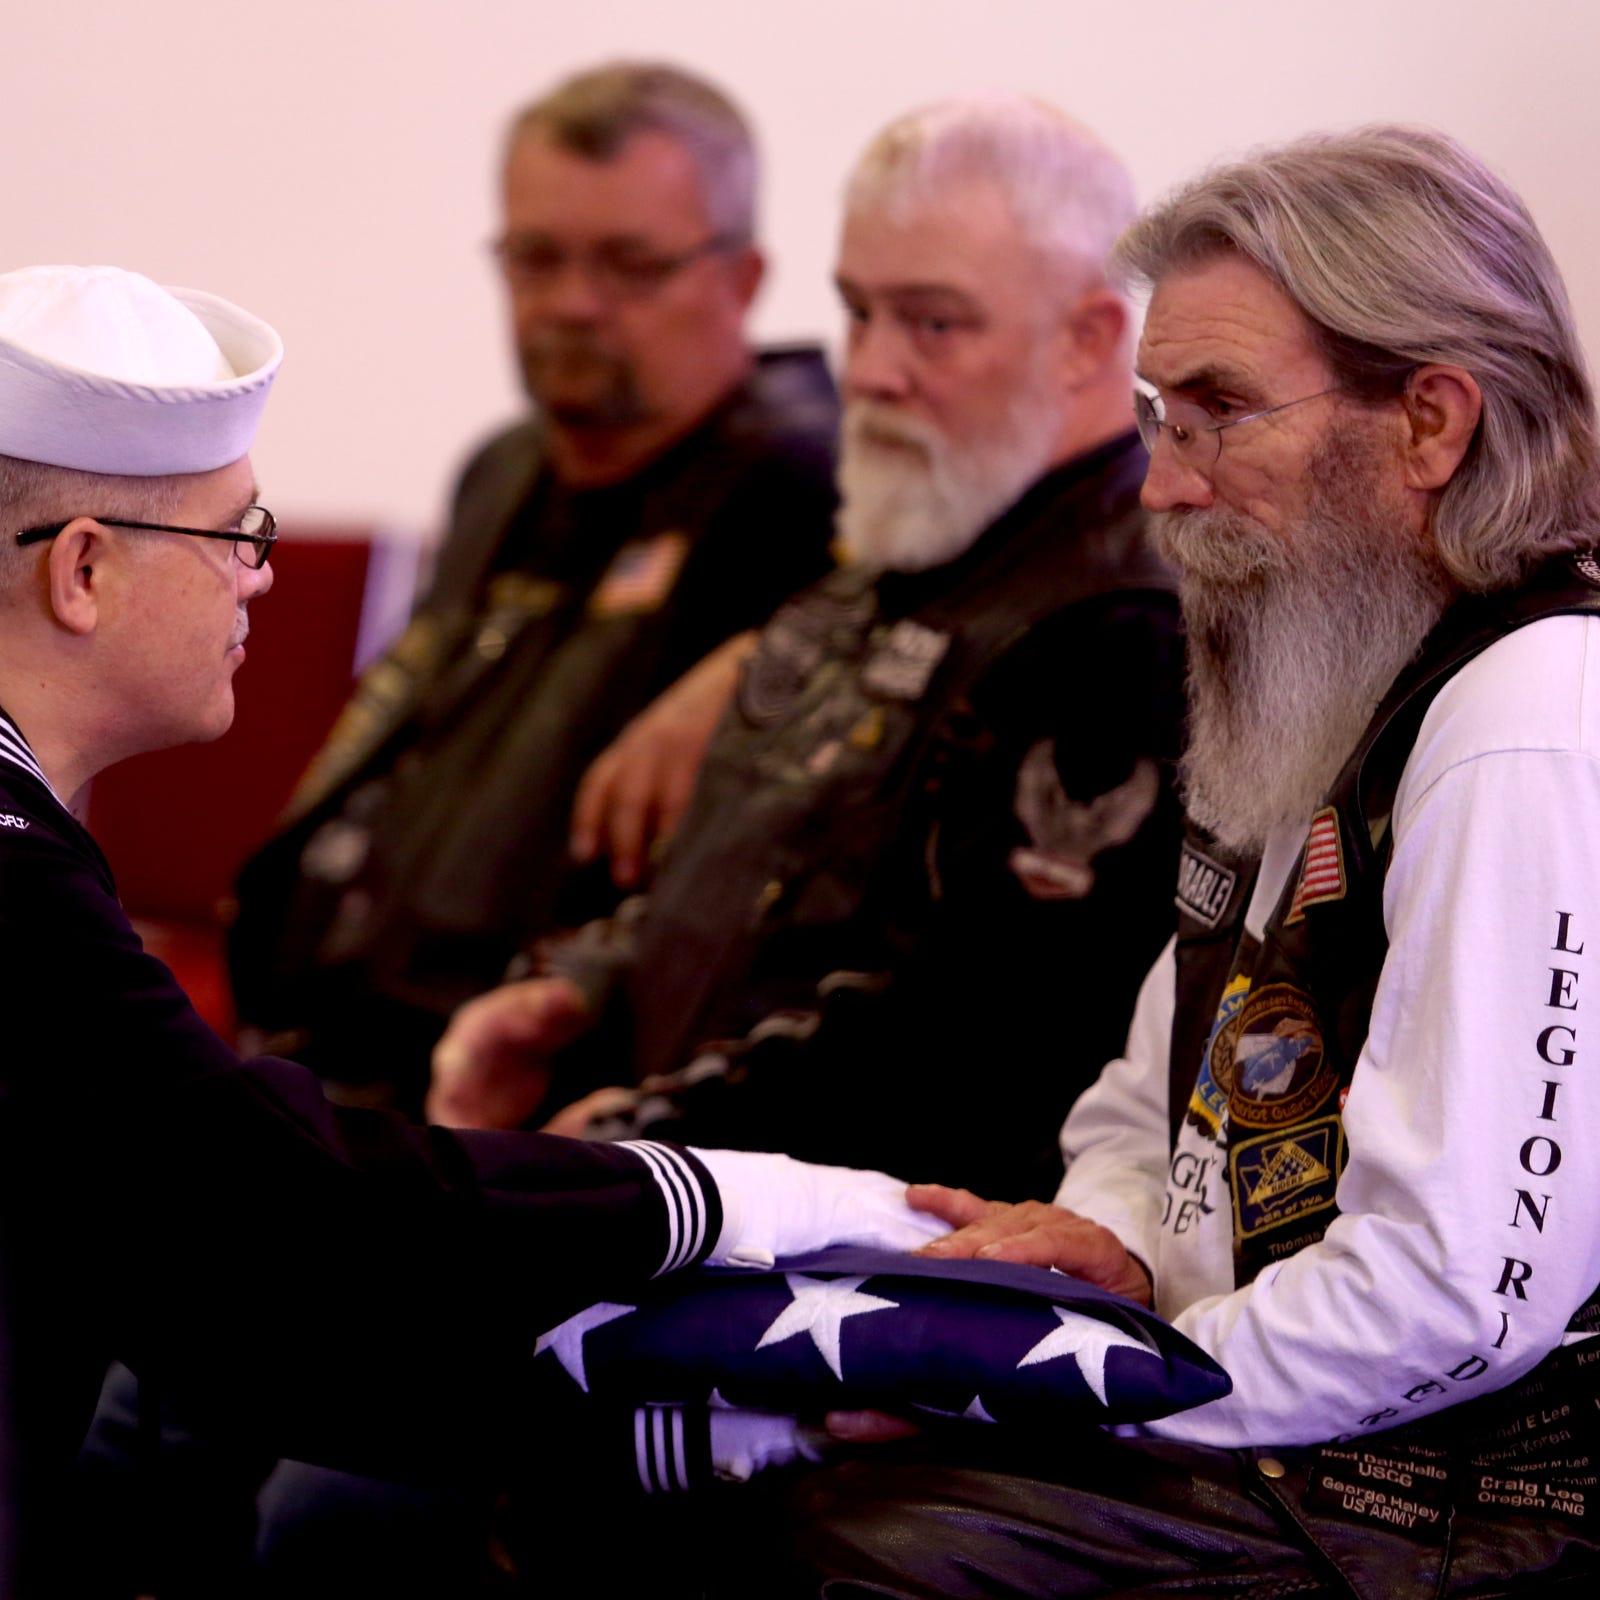 Forgotten homeless veteran given full military rites